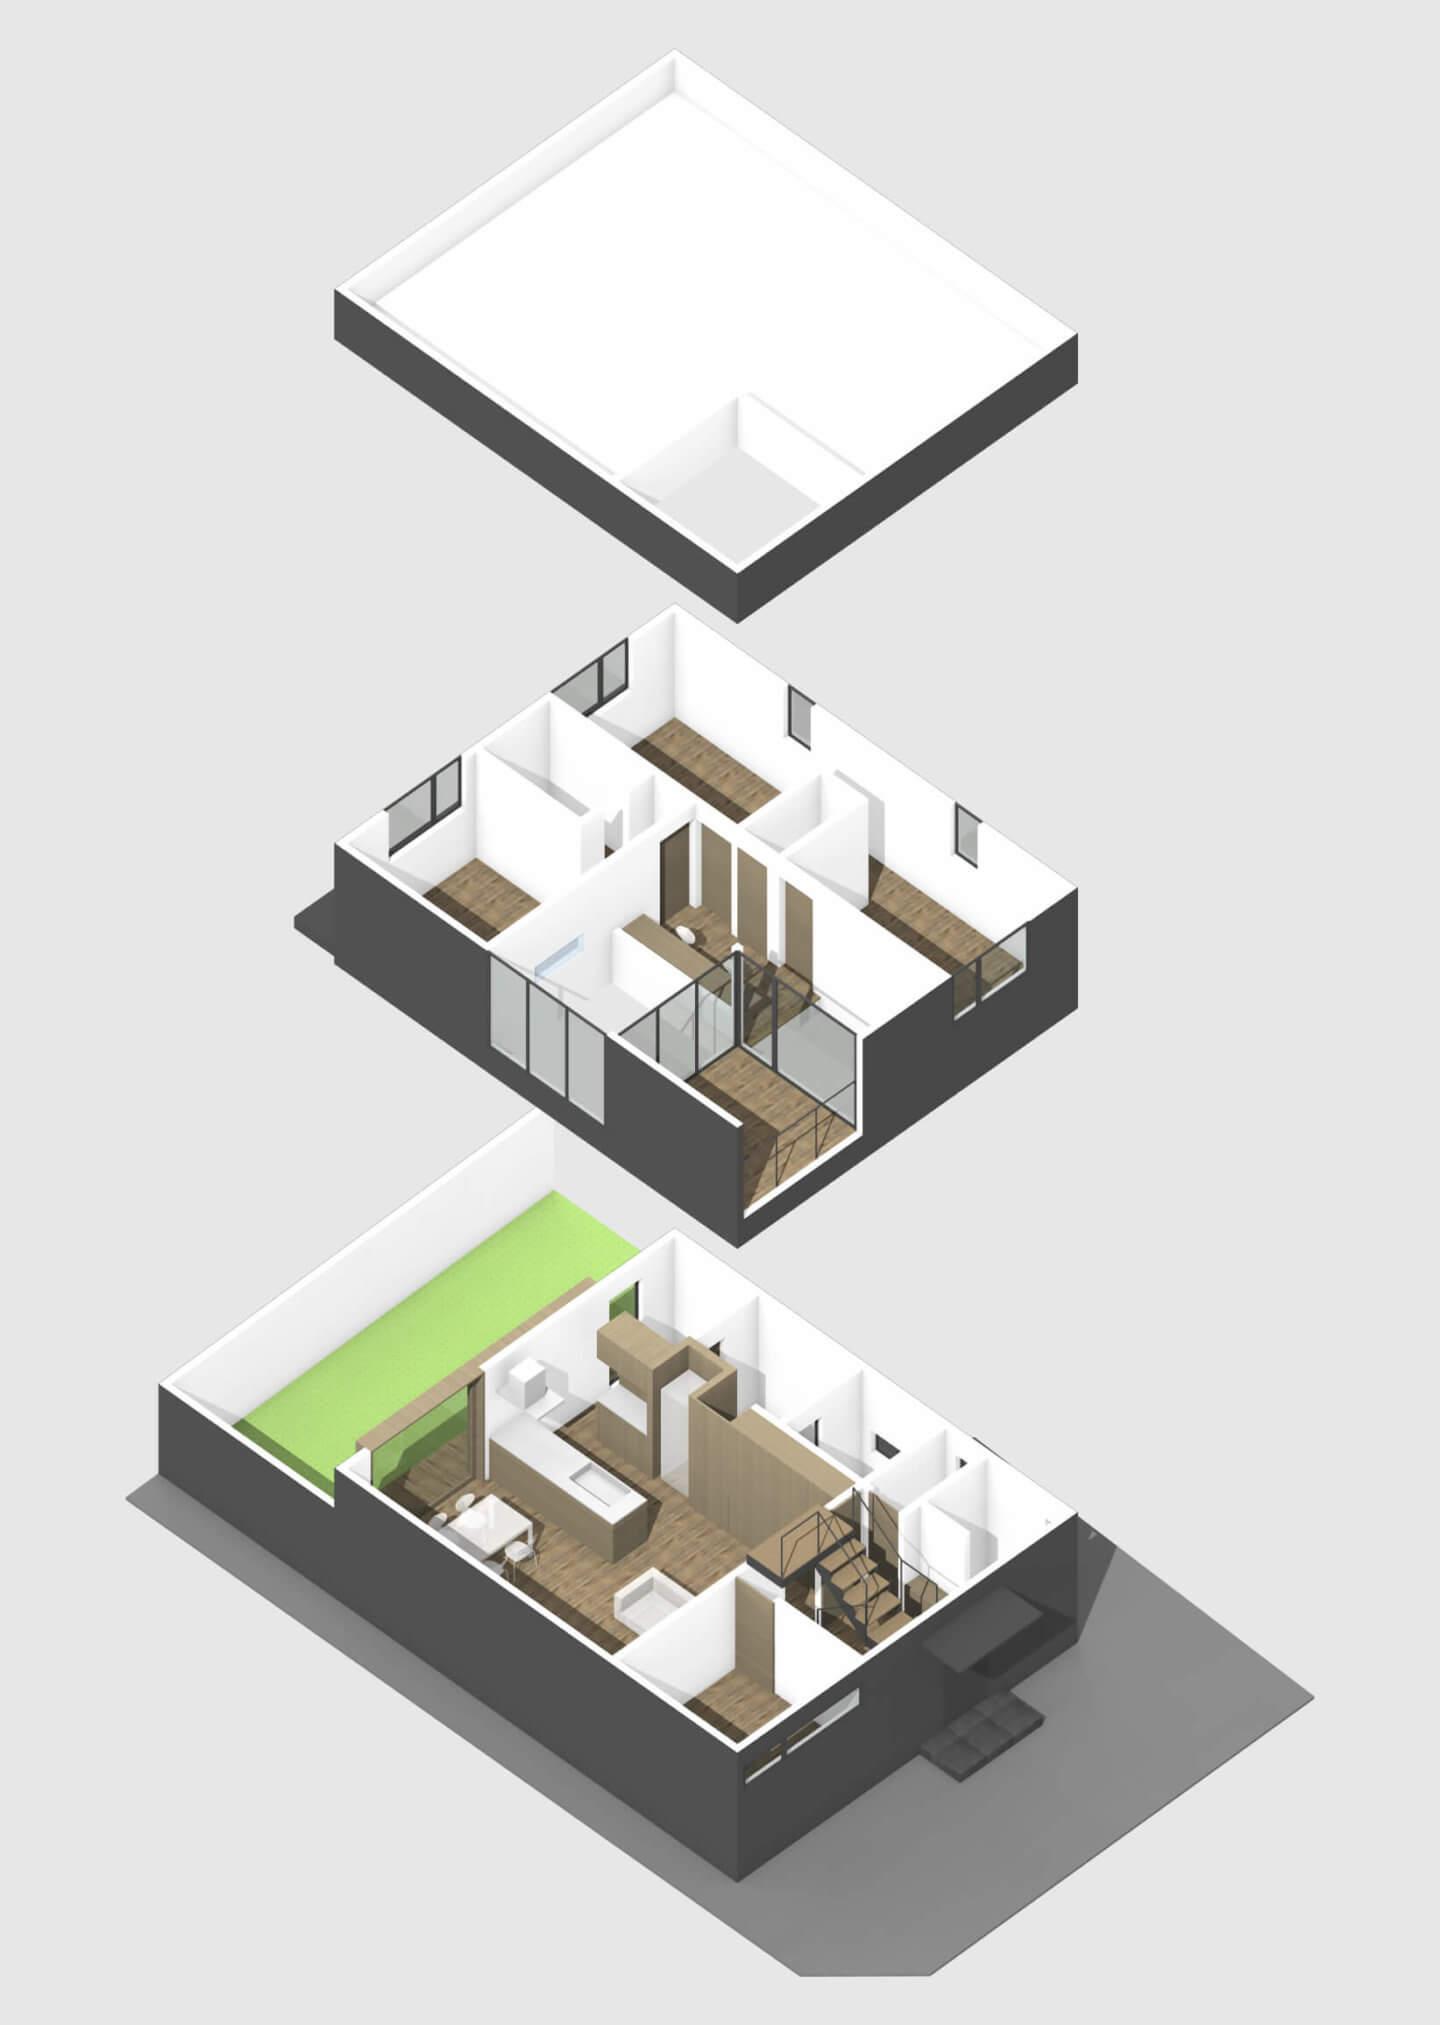 中山の住宅の階層設計